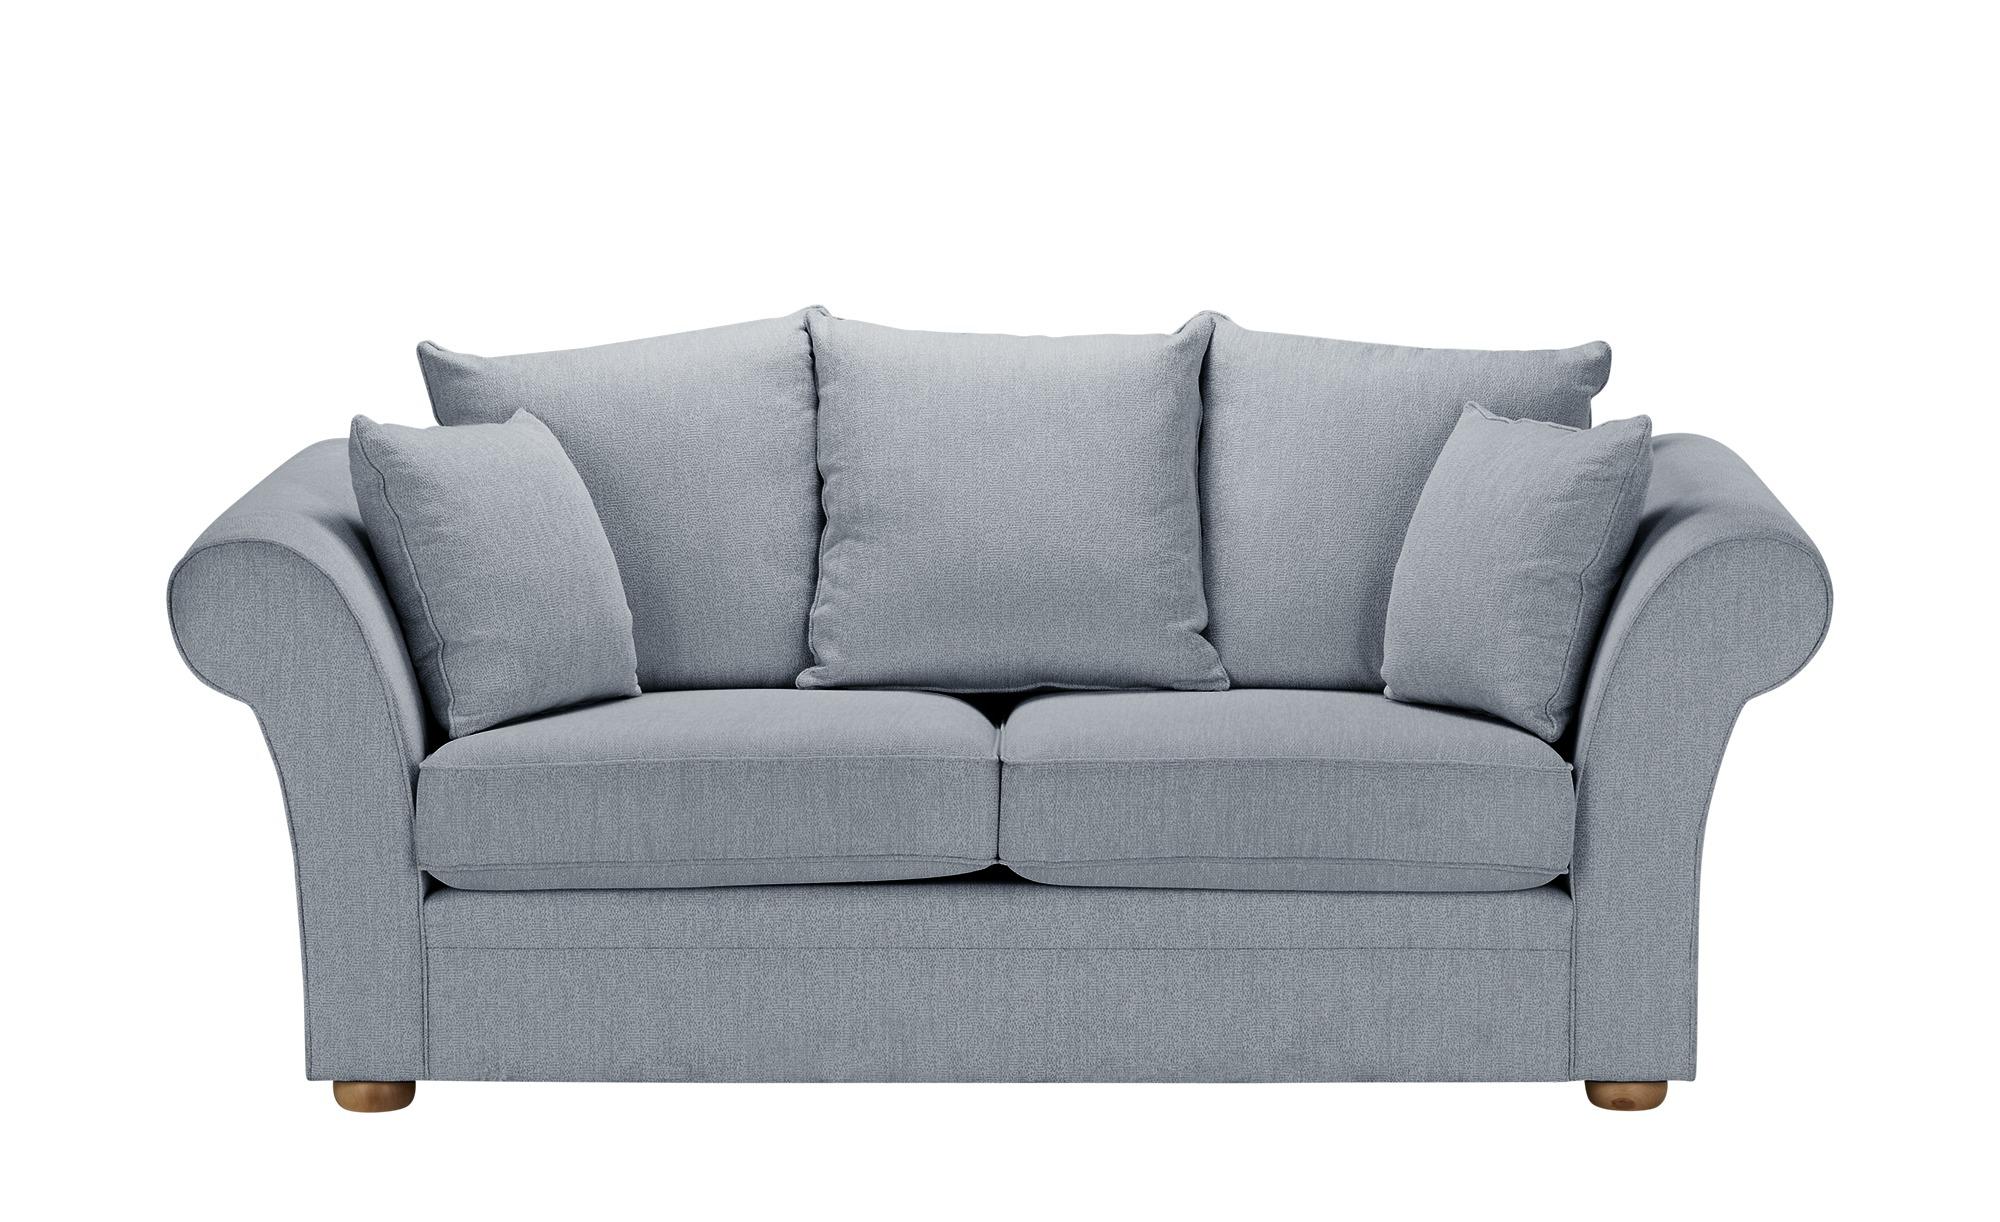 Sofa  Olivia ¦ blau ¦ Maße (cm): B: 215 H: 100 T: 98 Polstermöbel > Sofas > Einzelsofas - Höffner